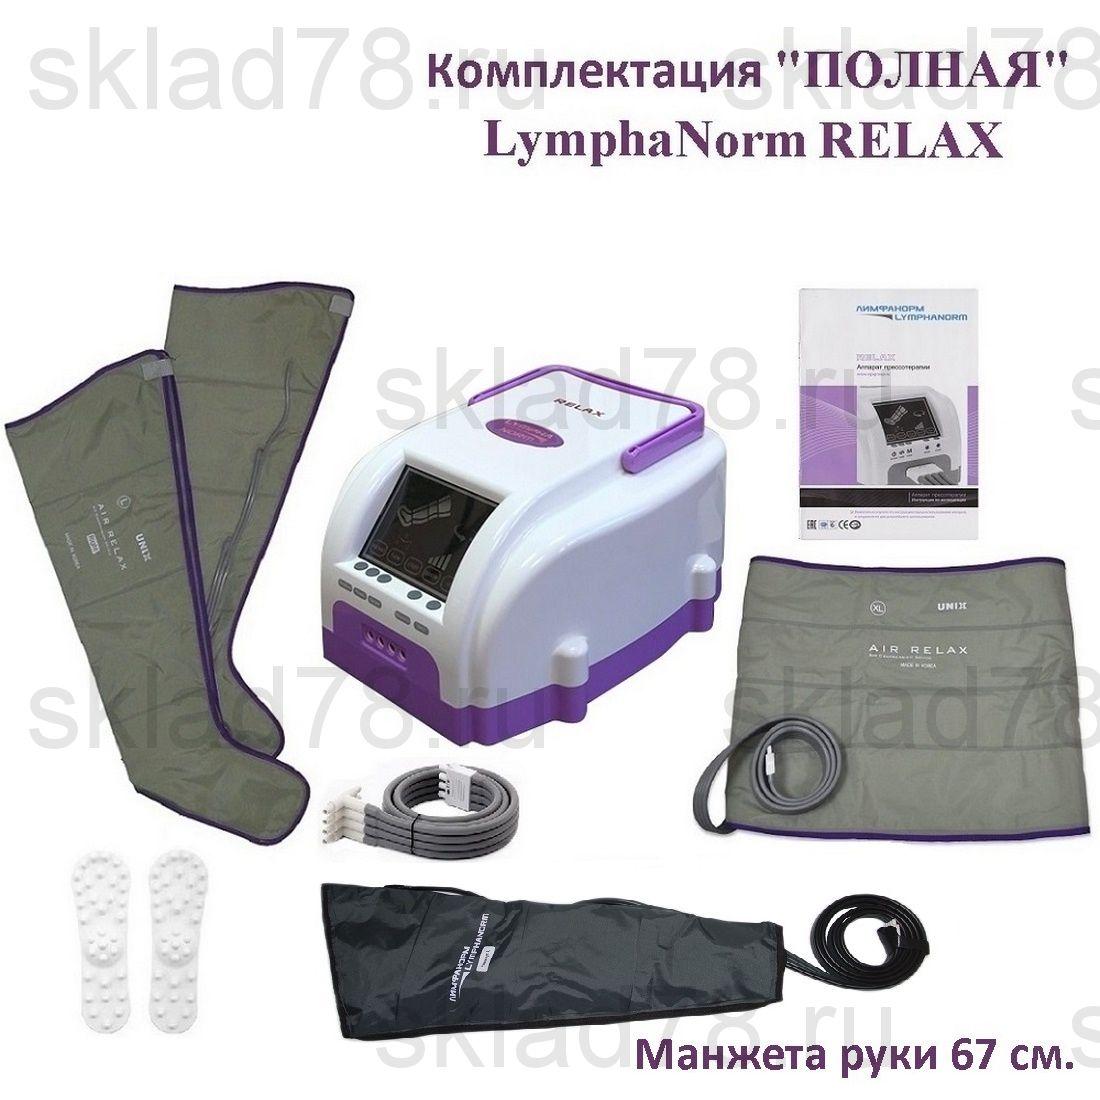 LymphaNorm RELAX Лимфодренаж «Полный» (рука 67 см.)